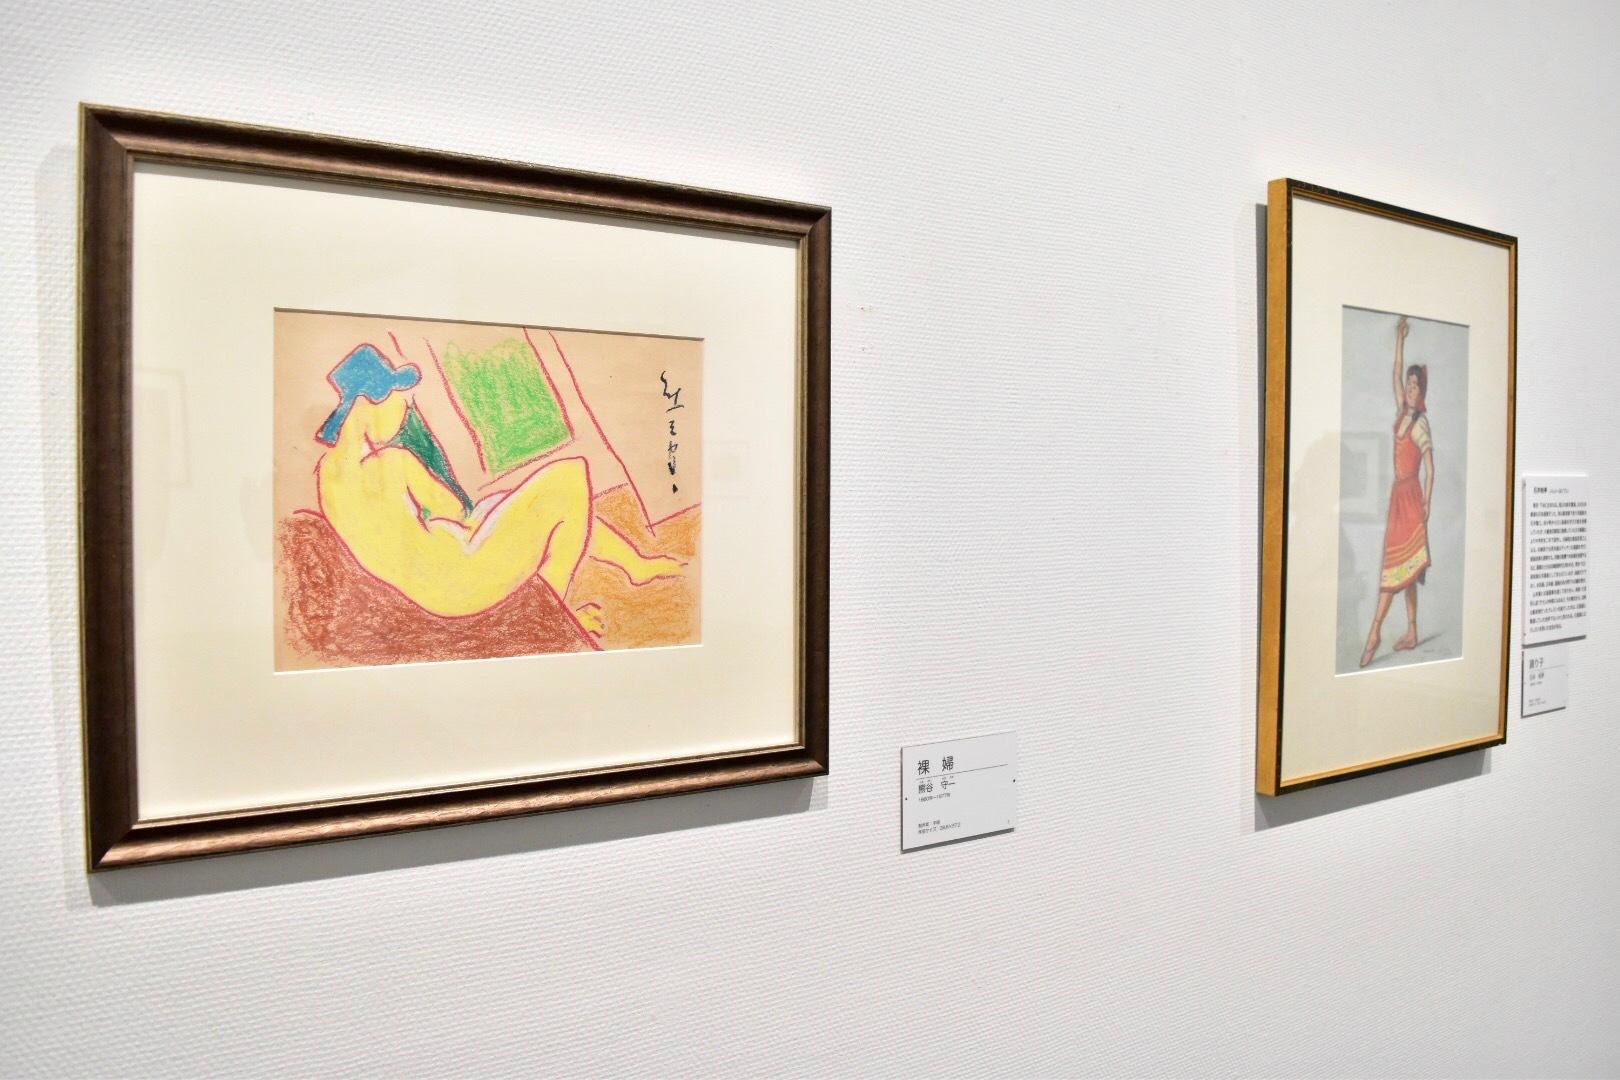 左:熊谷守一 《裸婦》制作年不明 右奥:石井柏亭 《踊り子》1950年